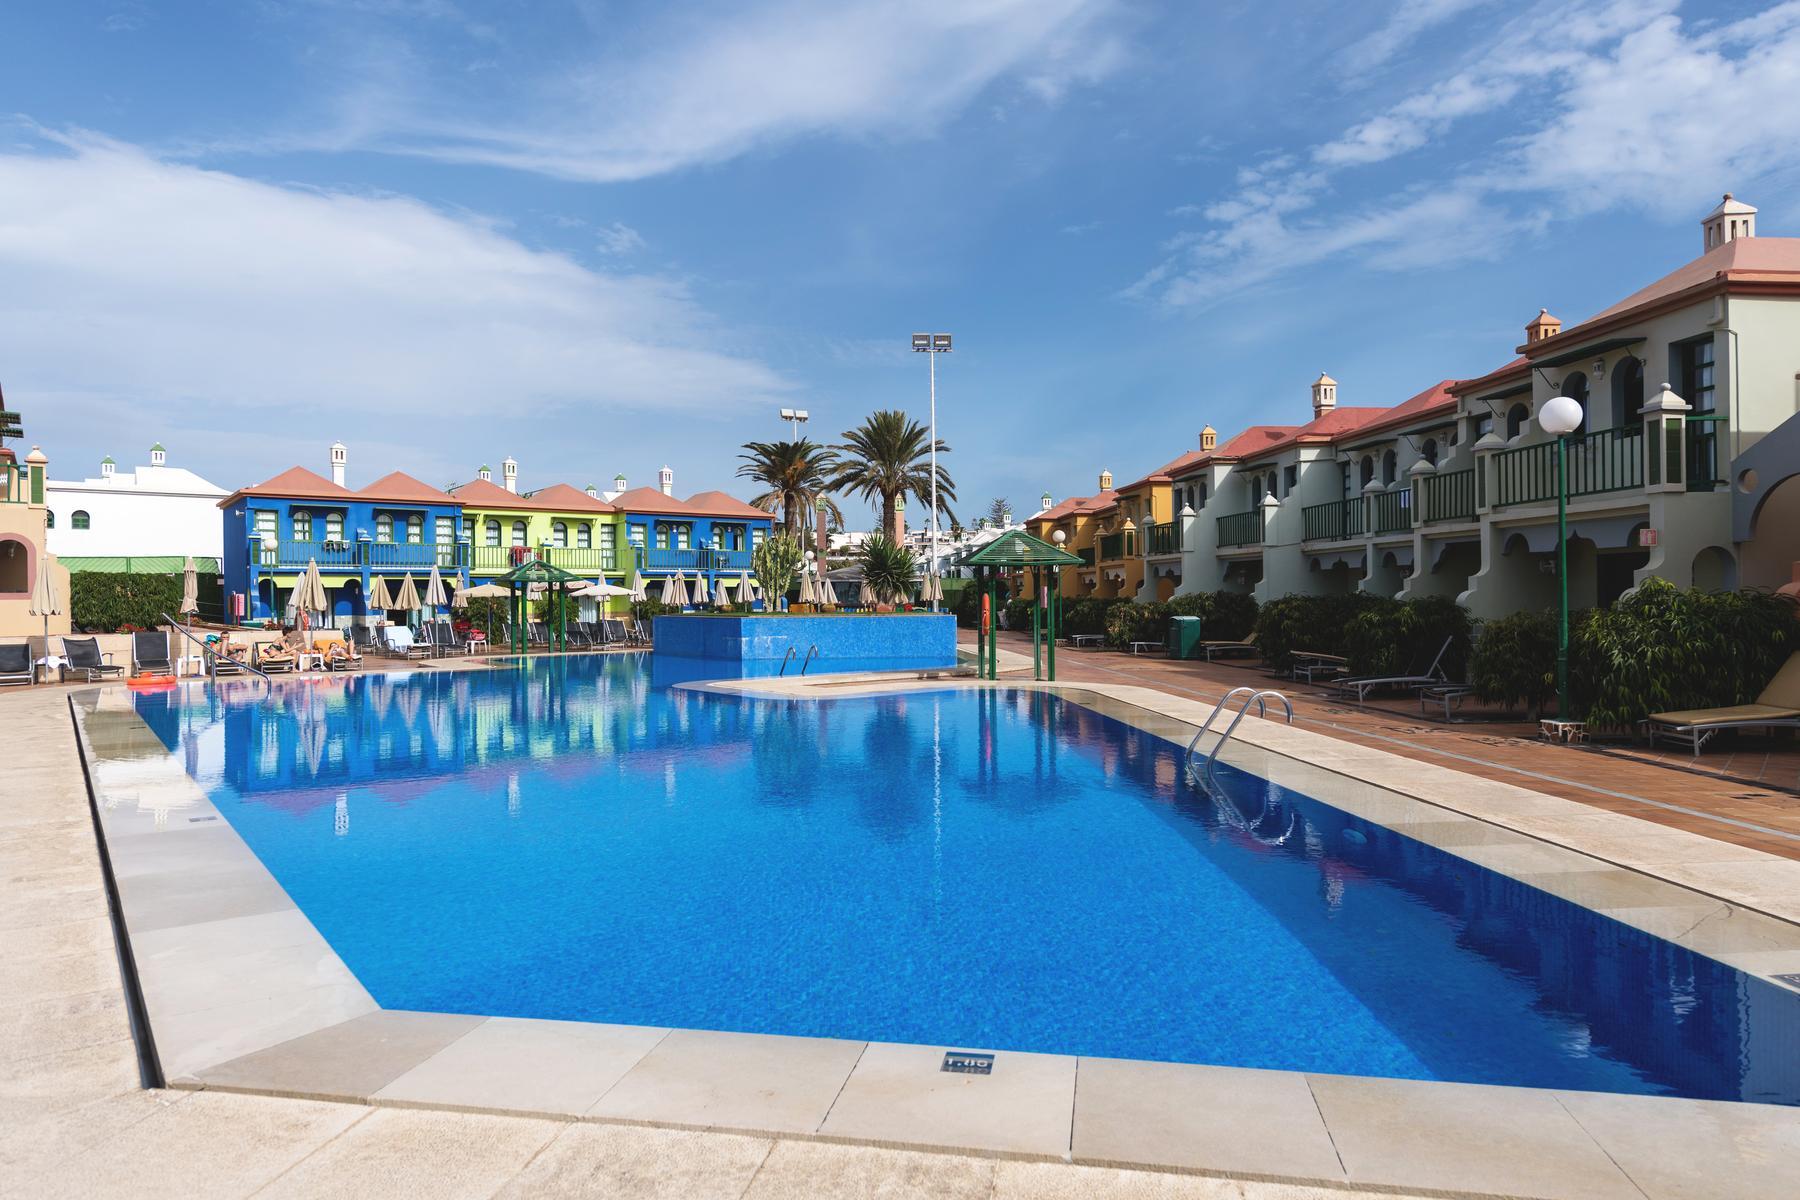 eo Maspalomas Resort in Maspalomas, Gran Canaria